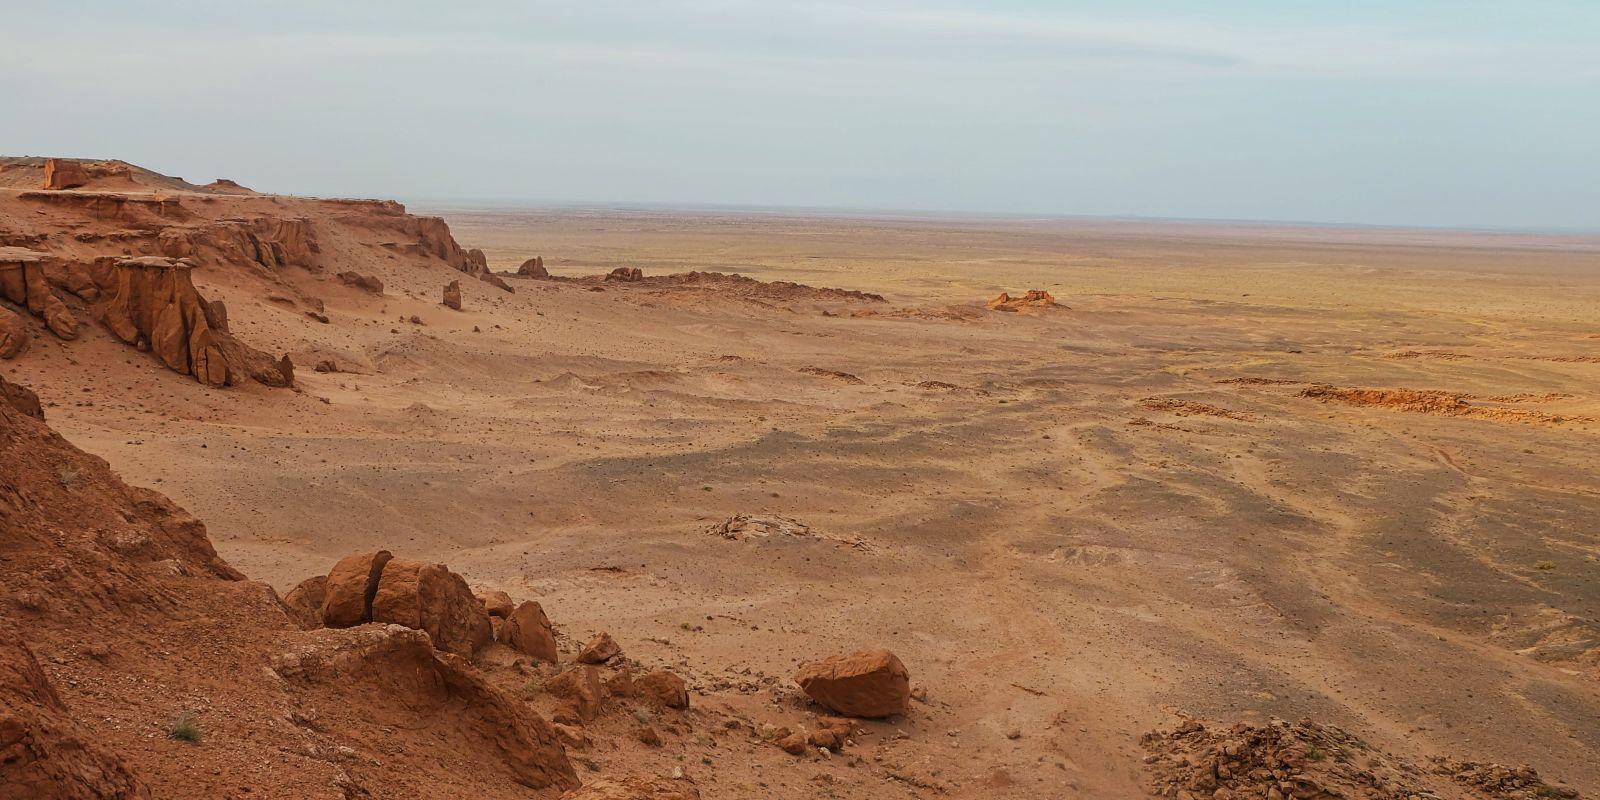 Exploring Mongolia's Gobi Desert